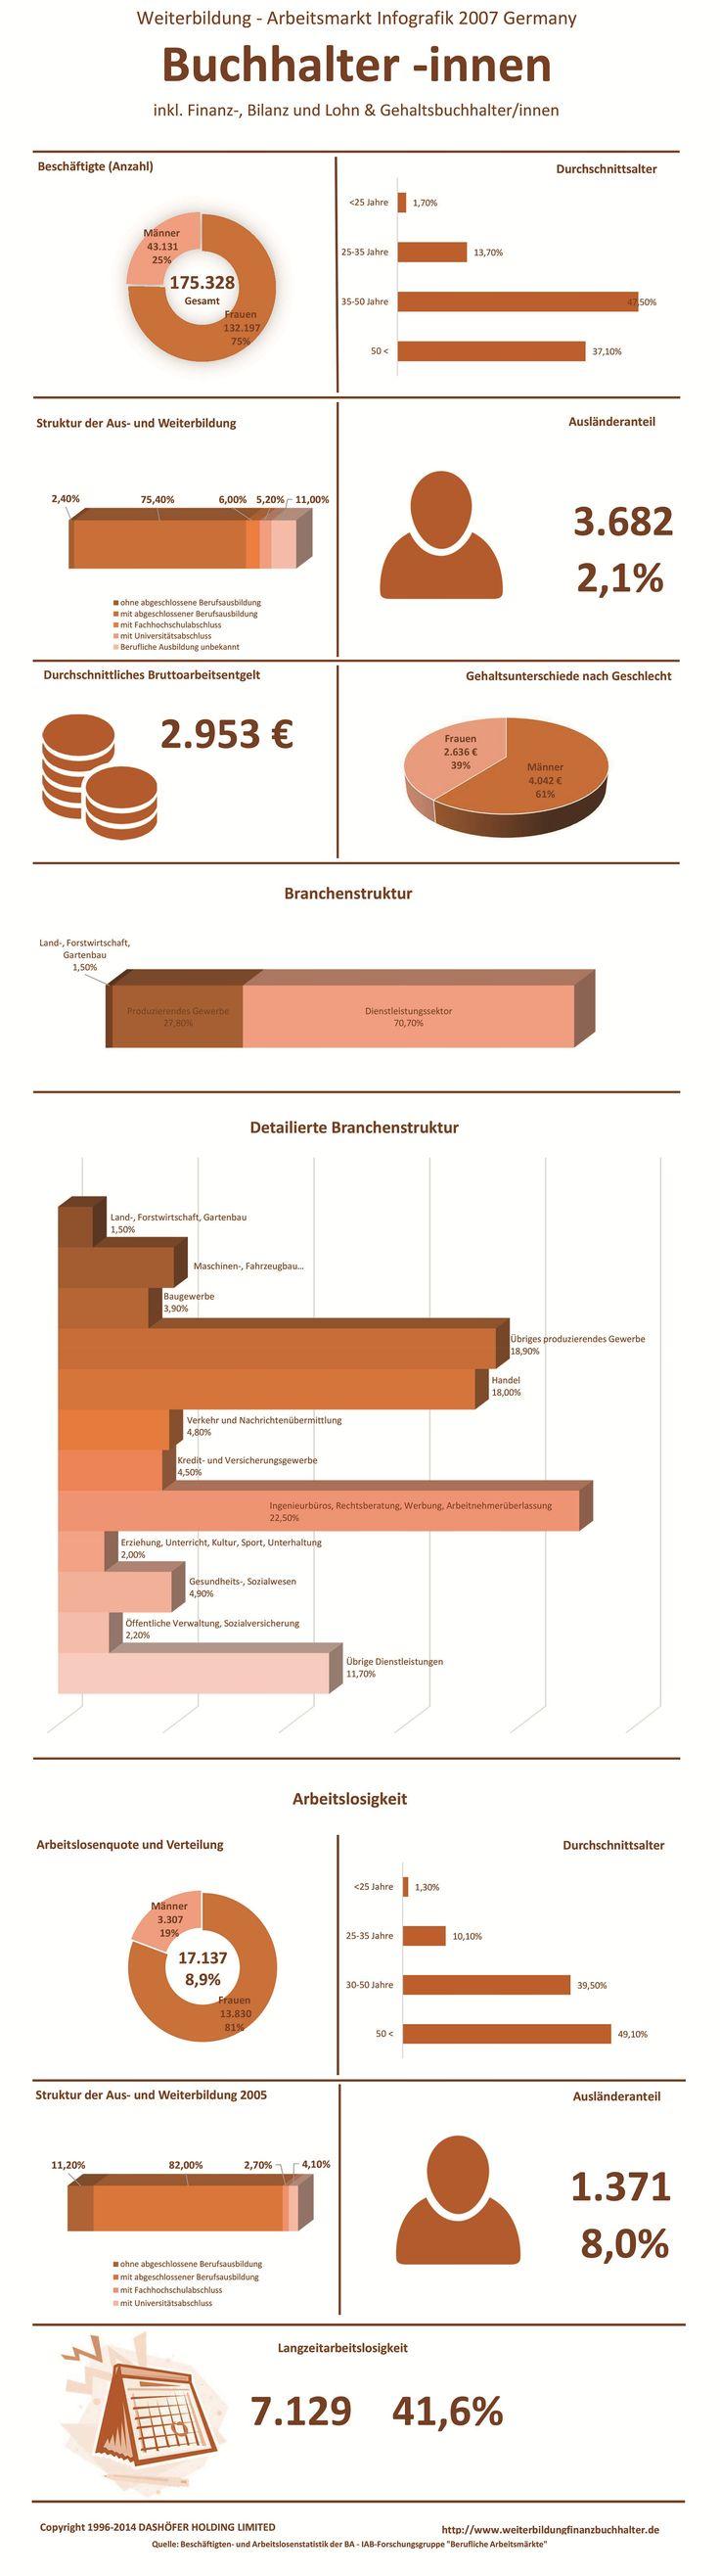 Die Infografik zu Weiterbildung, Gehalt und Arbeitsmarkt der Berufsgruppe Buchhalter inkl. Finanzbuchhalter, Bilanzbuchhalter, Lohn- und Gehaltsbuchhalter in Deutschland, 2007. Hier finden sie alle notwendigen Daten zum Berufsbild eines Finanzbuchhalters, Buchhalters etc. inklusive der Branchen, in denen  Finanzbuchhalter eingesetzt werden, der Auslaenderanteil und die Arbeitslosenquote. Die Daten sind auf dem Stand des Jahres 2007.